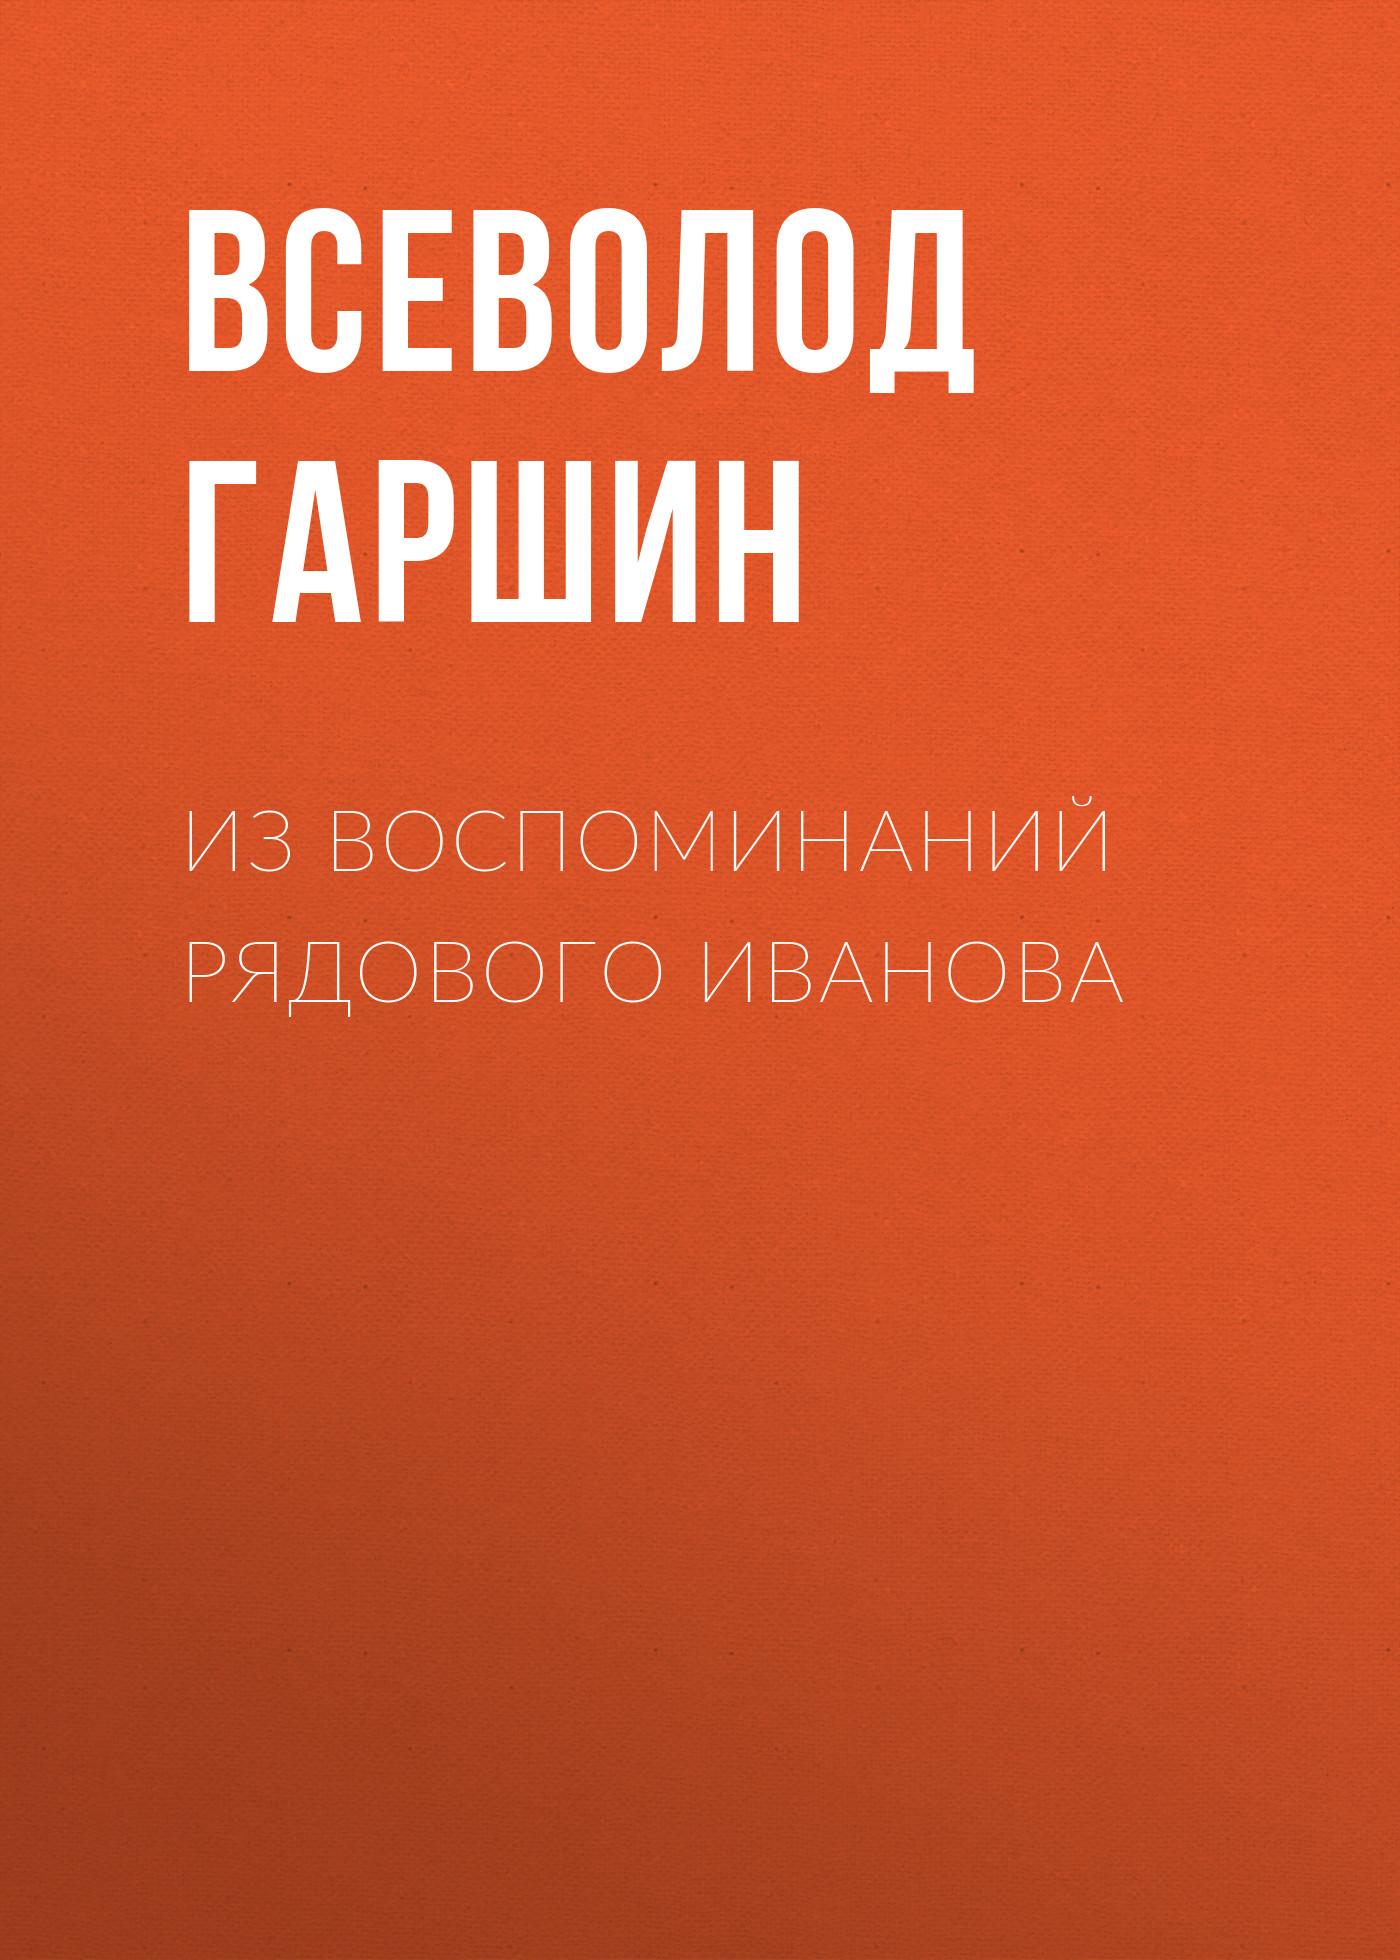 Купить книгу Из воспоминаний рядового Иванова, автора Всеволода Гаршина